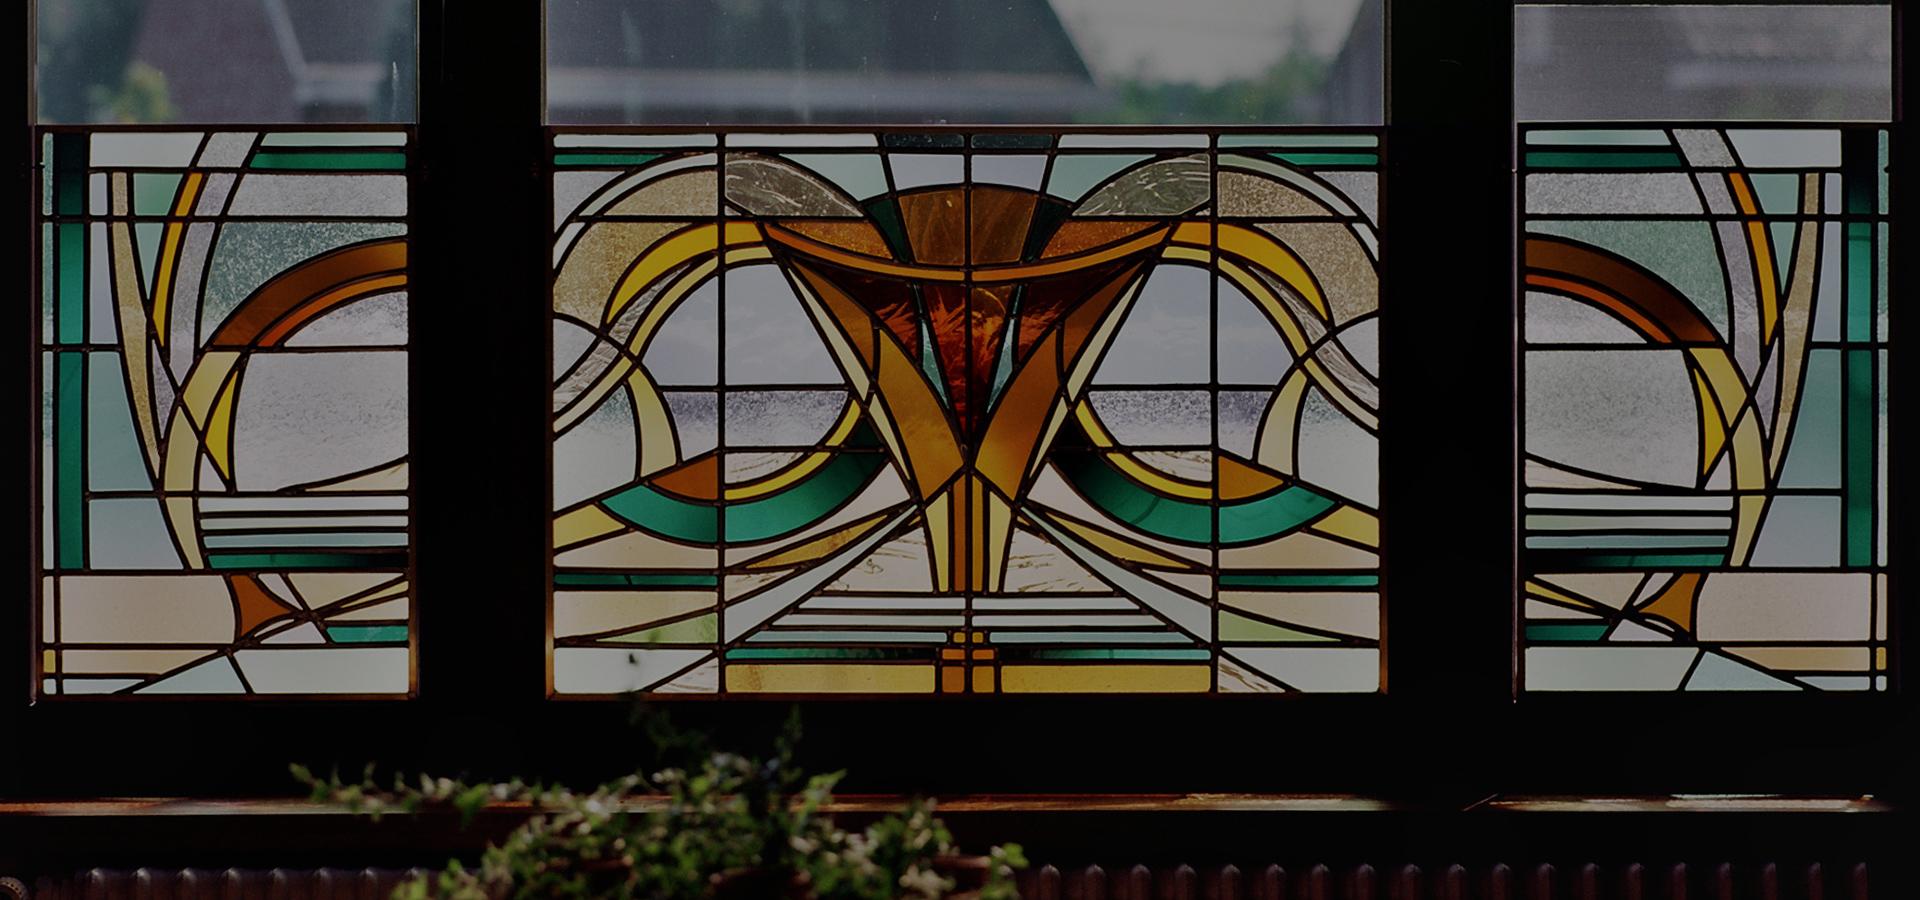 Glasramen in kleur_7 Atelier Mestdagh Merelbeke Glas in lood